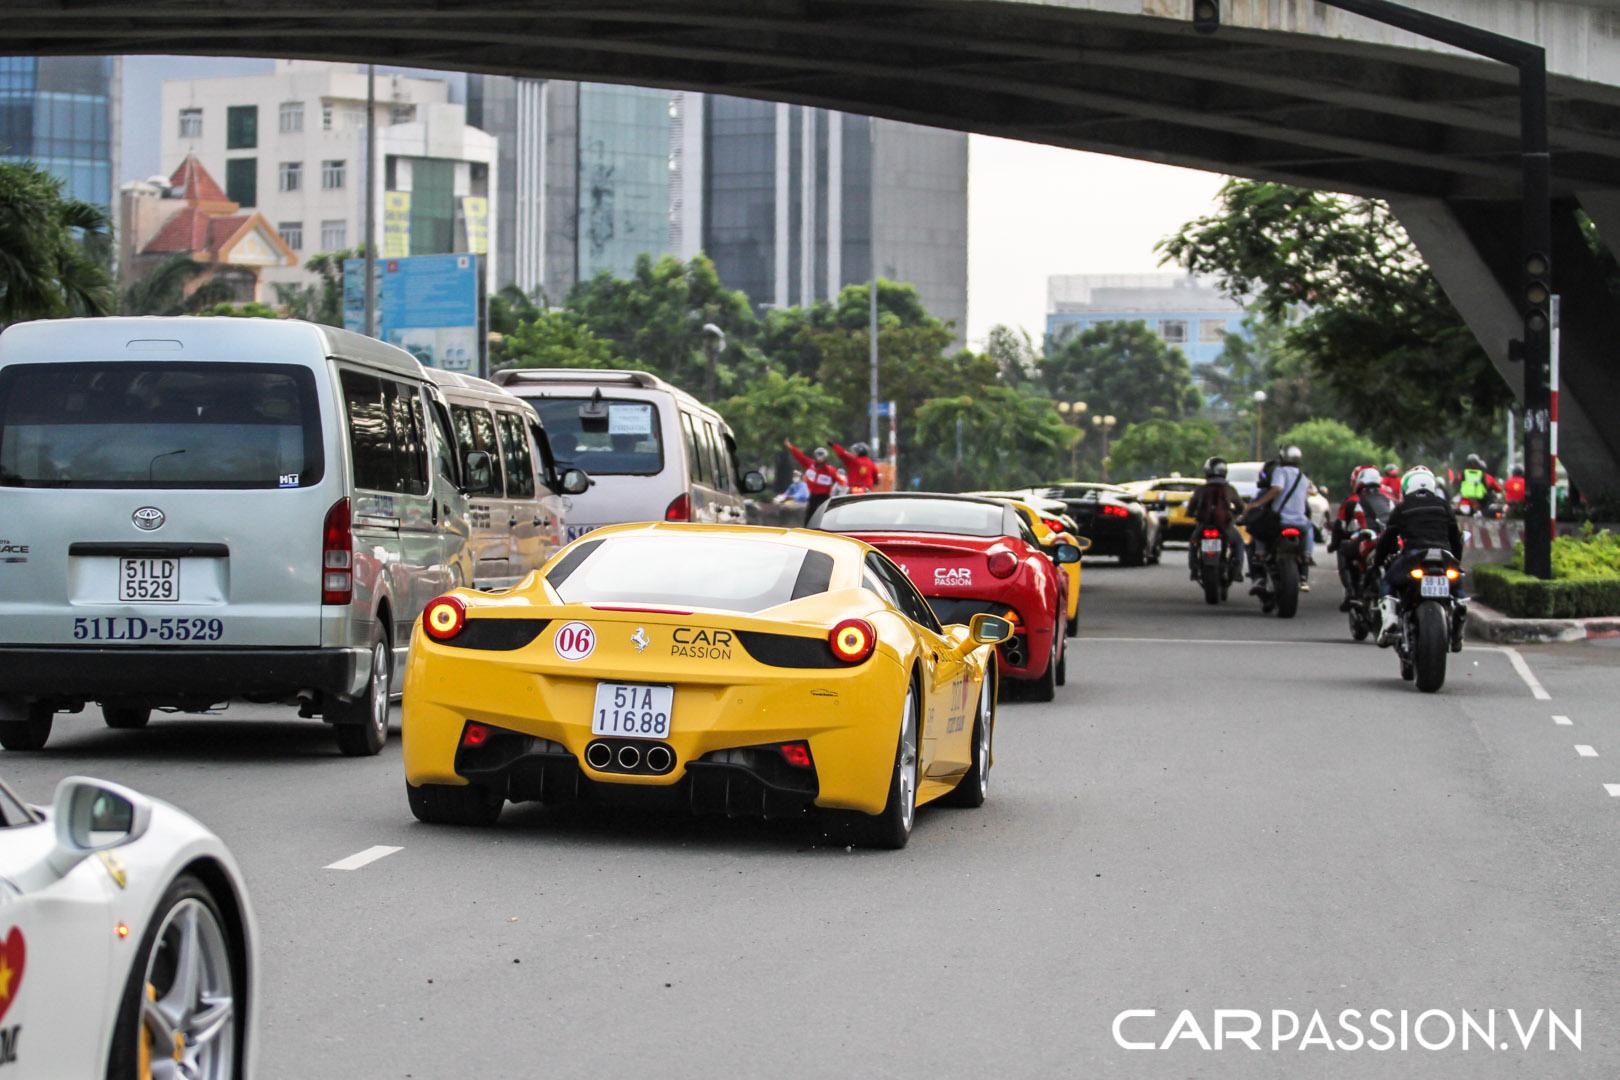 CP-Hành trình siêu xe CarPassion 2011 (52).jpg